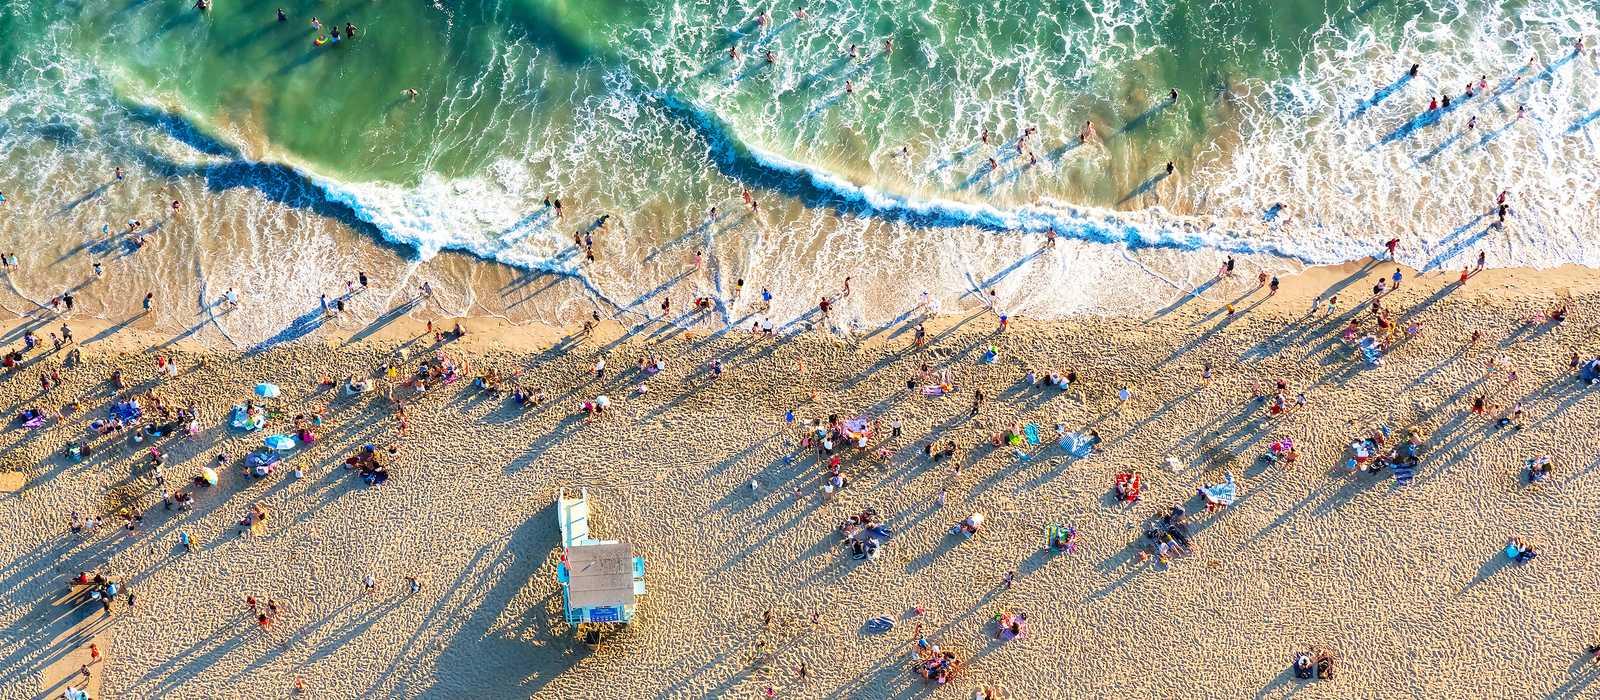 Blick auf den Strand von Santa Monica bei Los Angeles in Kalifornien